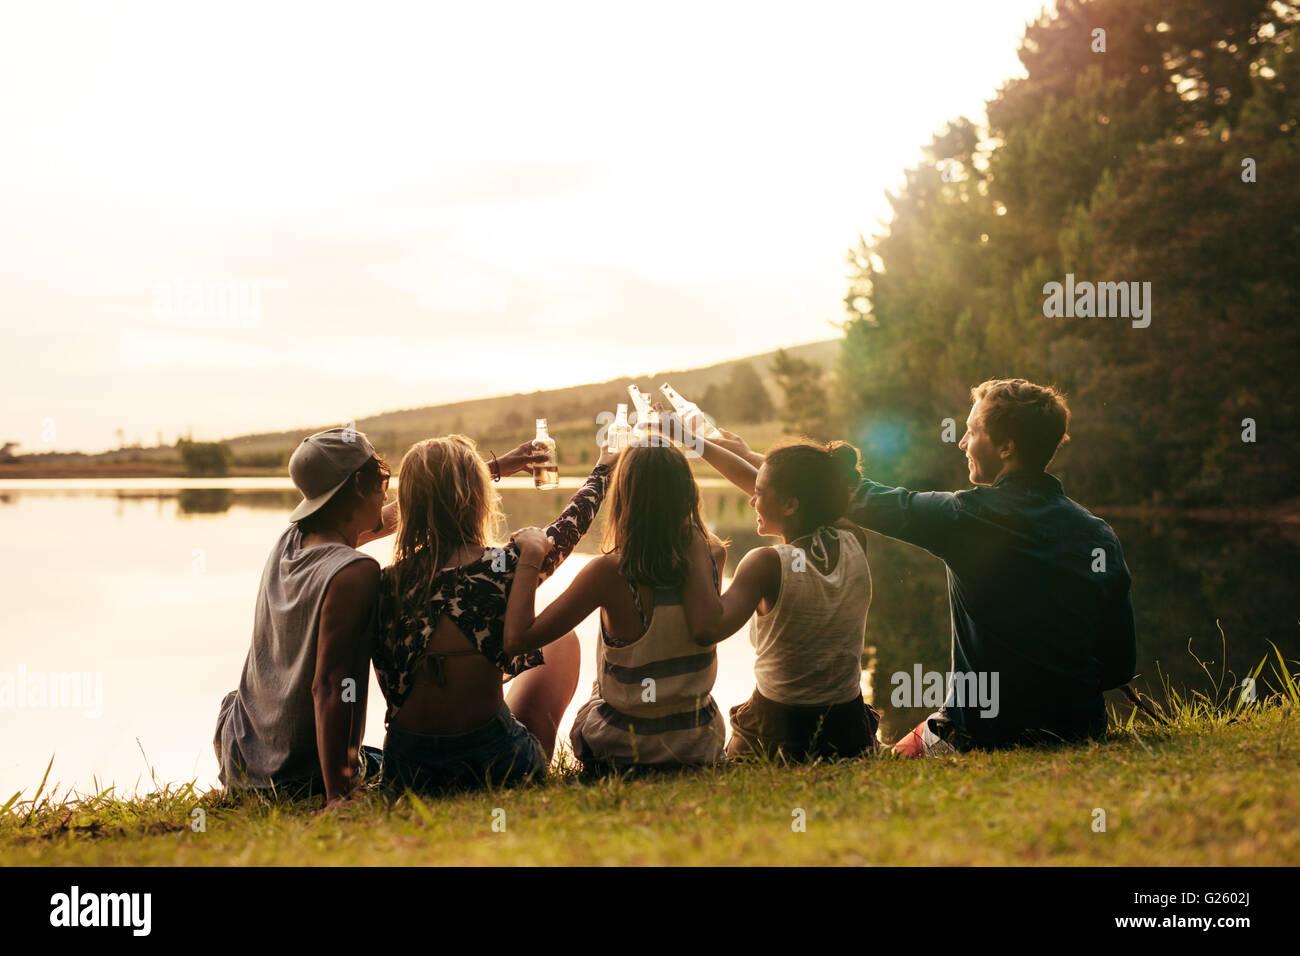 Un gruppo di giovani seduti in una riga a un lago con birre. Giovani amici di tostatura e celebrando con birre alla Immagini Stock